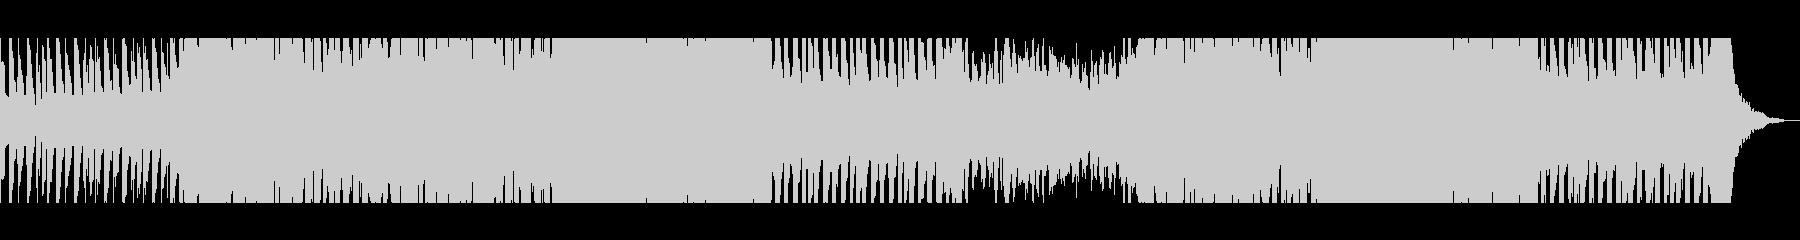 シンゴジラ/エヴァ風イントロオーケストラの未再生の波形